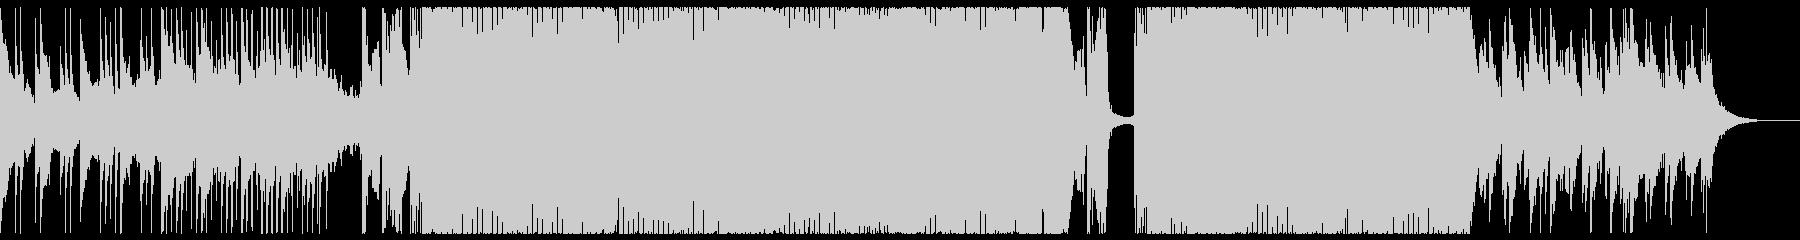 トランス系のアニソンを彷彿とさせる曲の未再生の波形